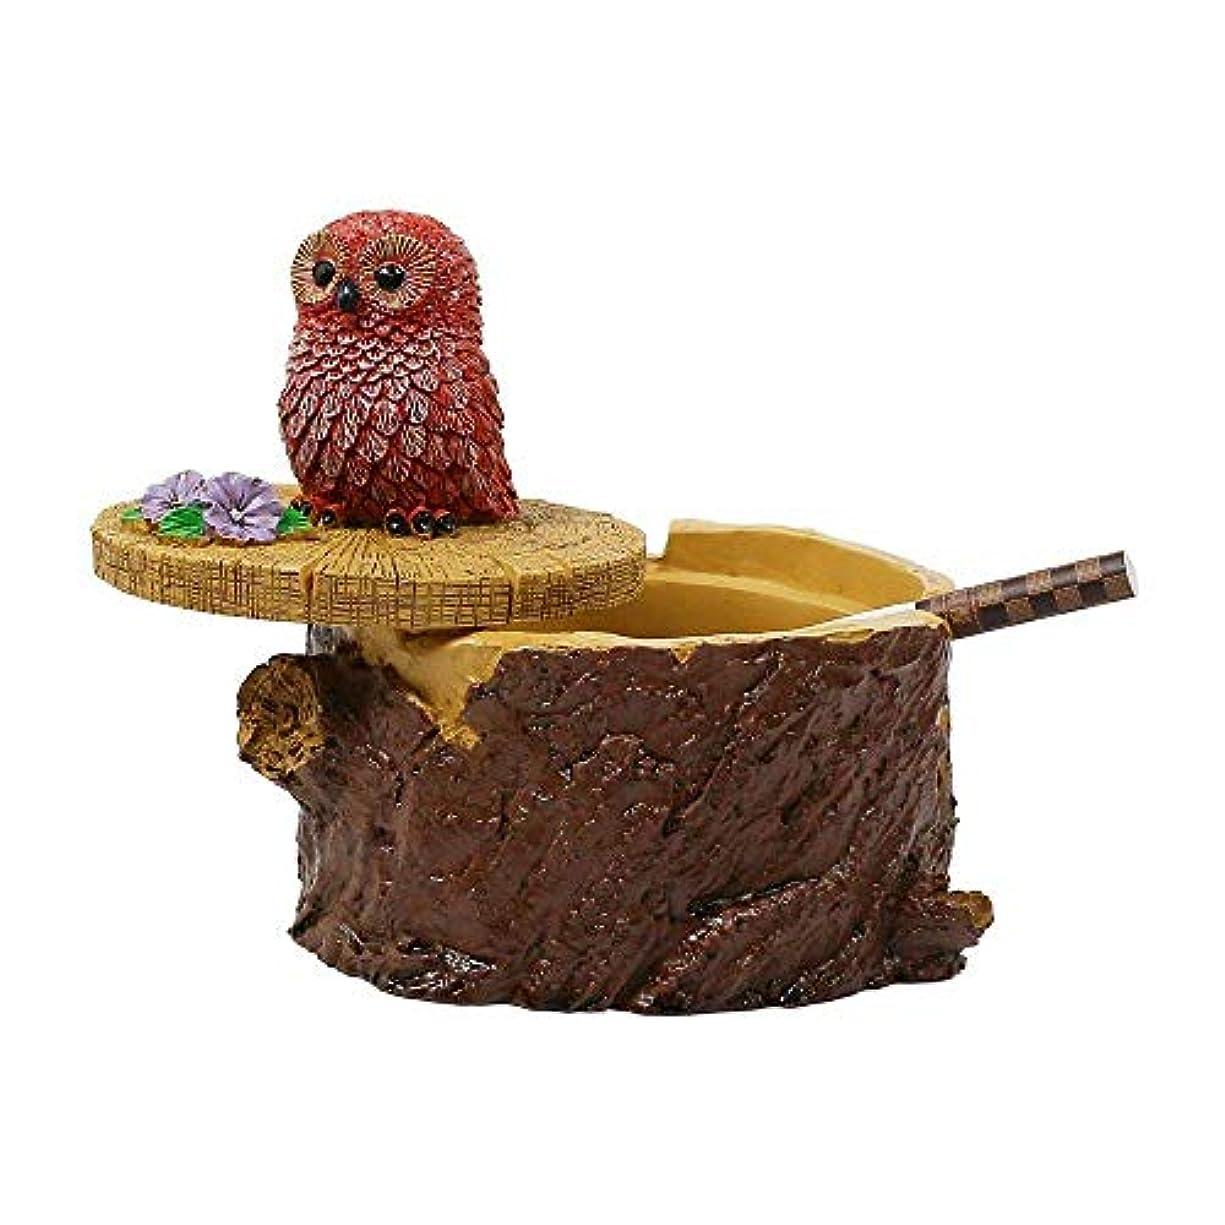 葉巻障害者小石タバコのための屋外灰皿家庭と庭のための蓋のかわいい樹脂フクロウの灰皿